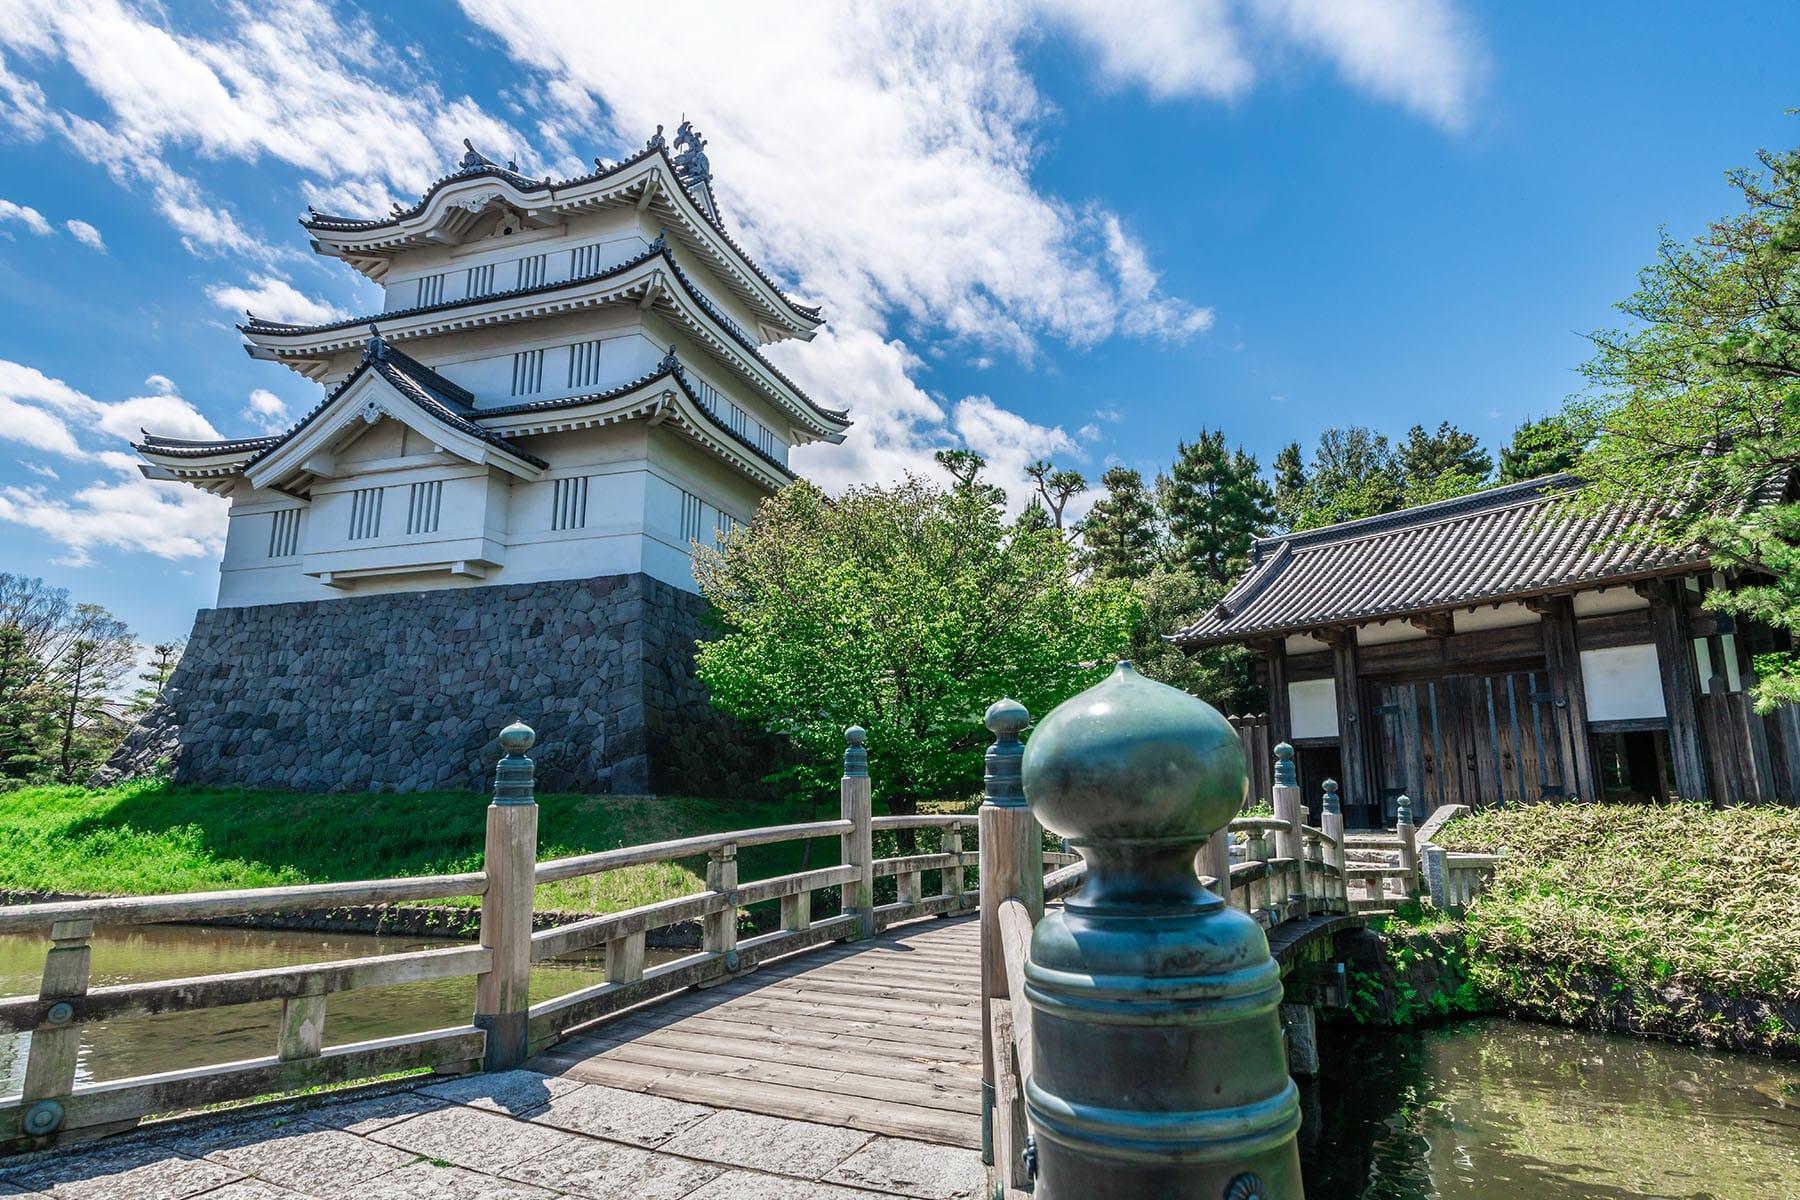 武蔵国と埼玉県 | フォトさいたま